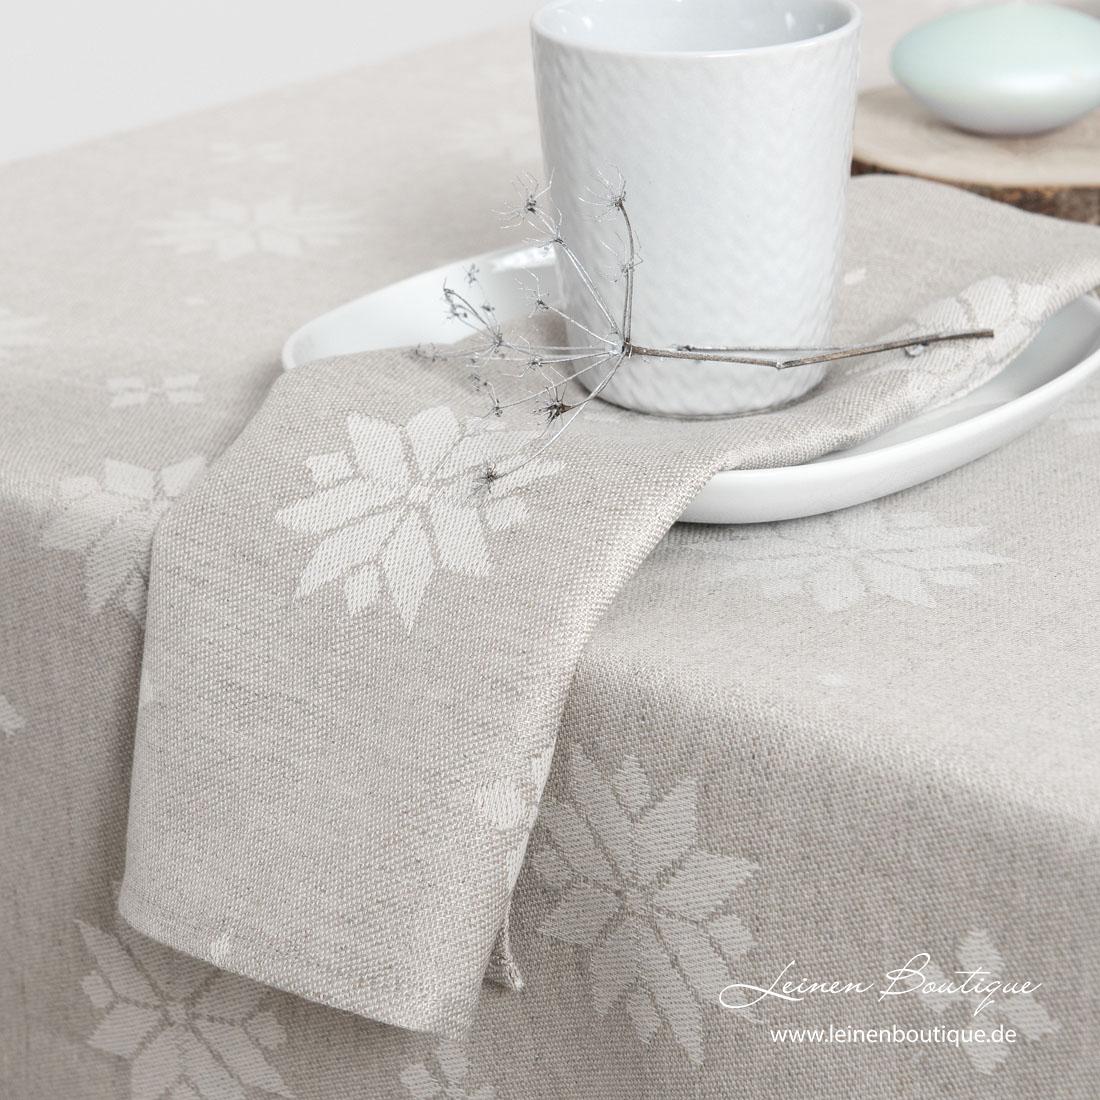 Naturgrau-weiße Serviette mit eingewebten Sternen